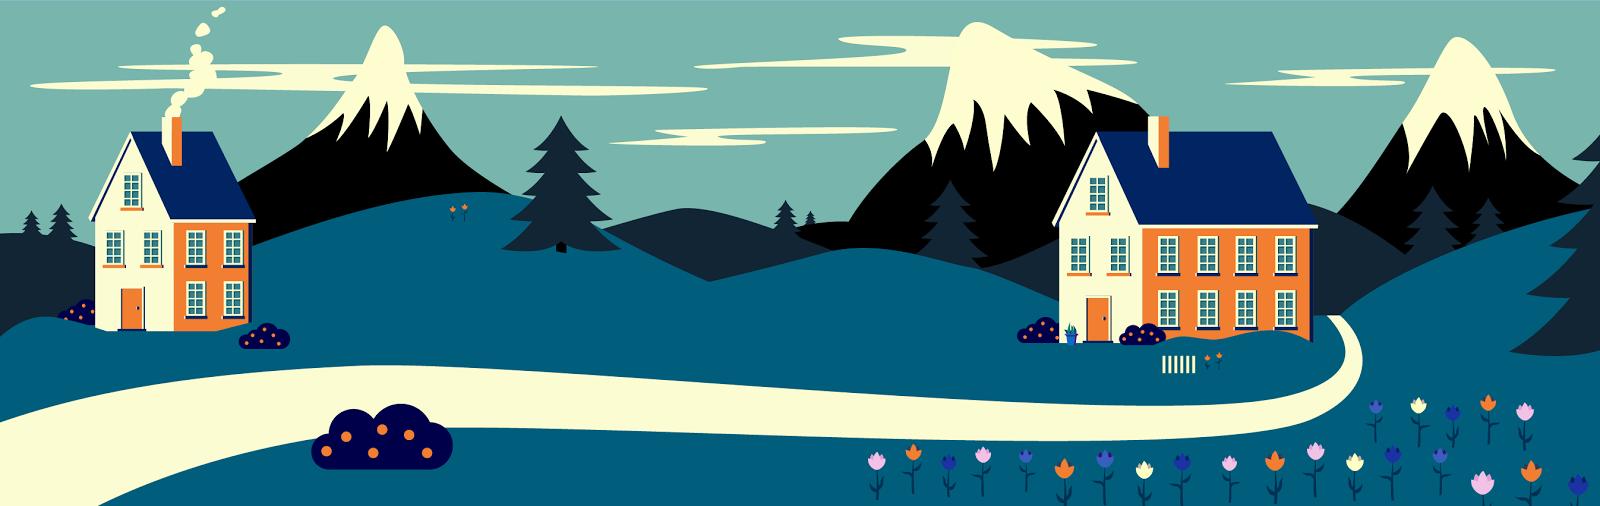 Scandinavian Houses - Jen Haugan Animation & Illustration